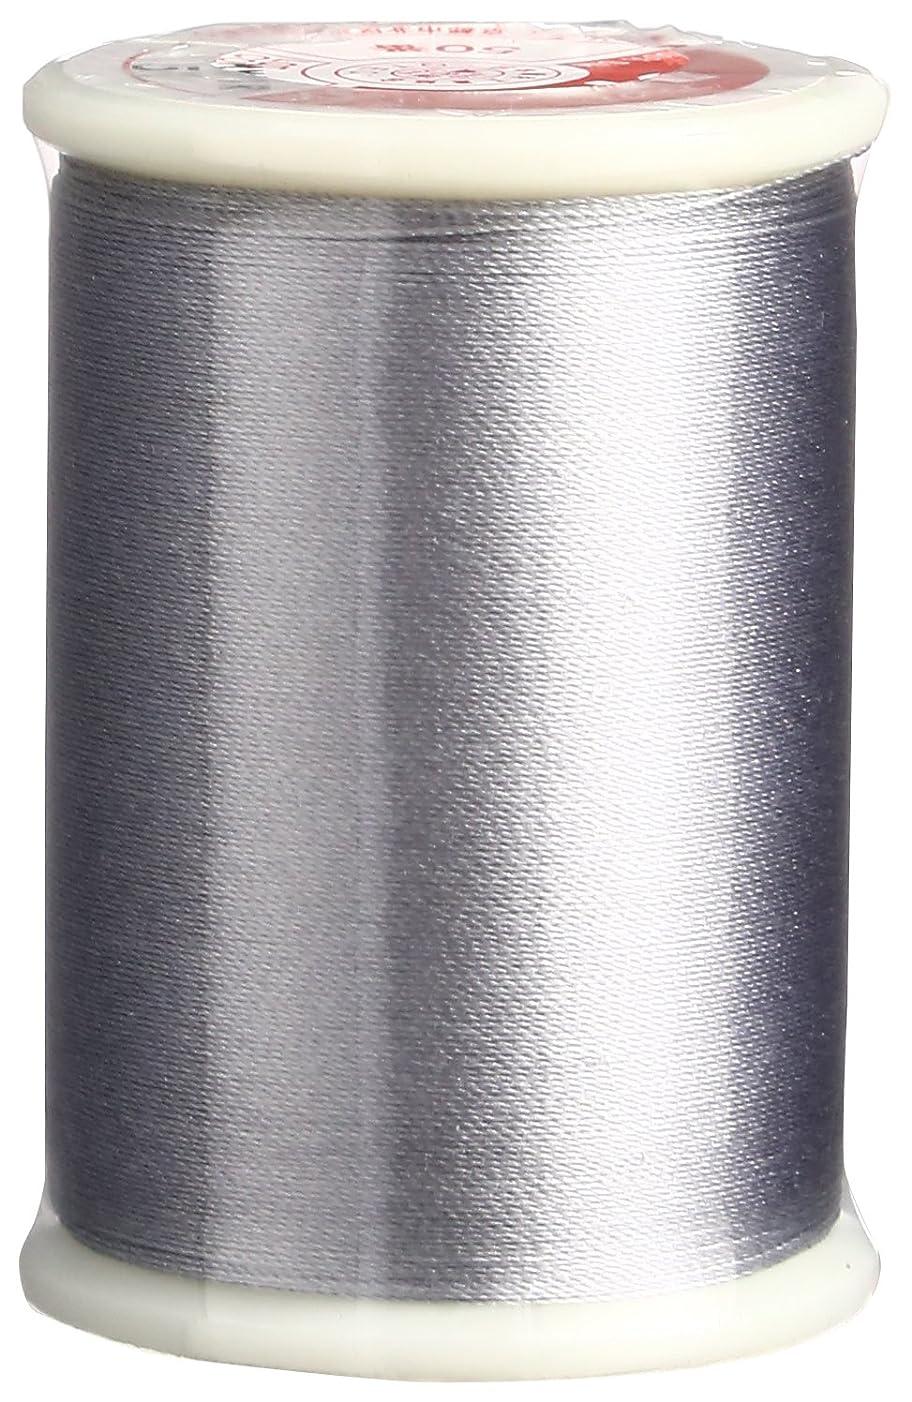 Superior Threads 13601-051 50 WT Tire Filament Silk Thread, Grey, 109 yd